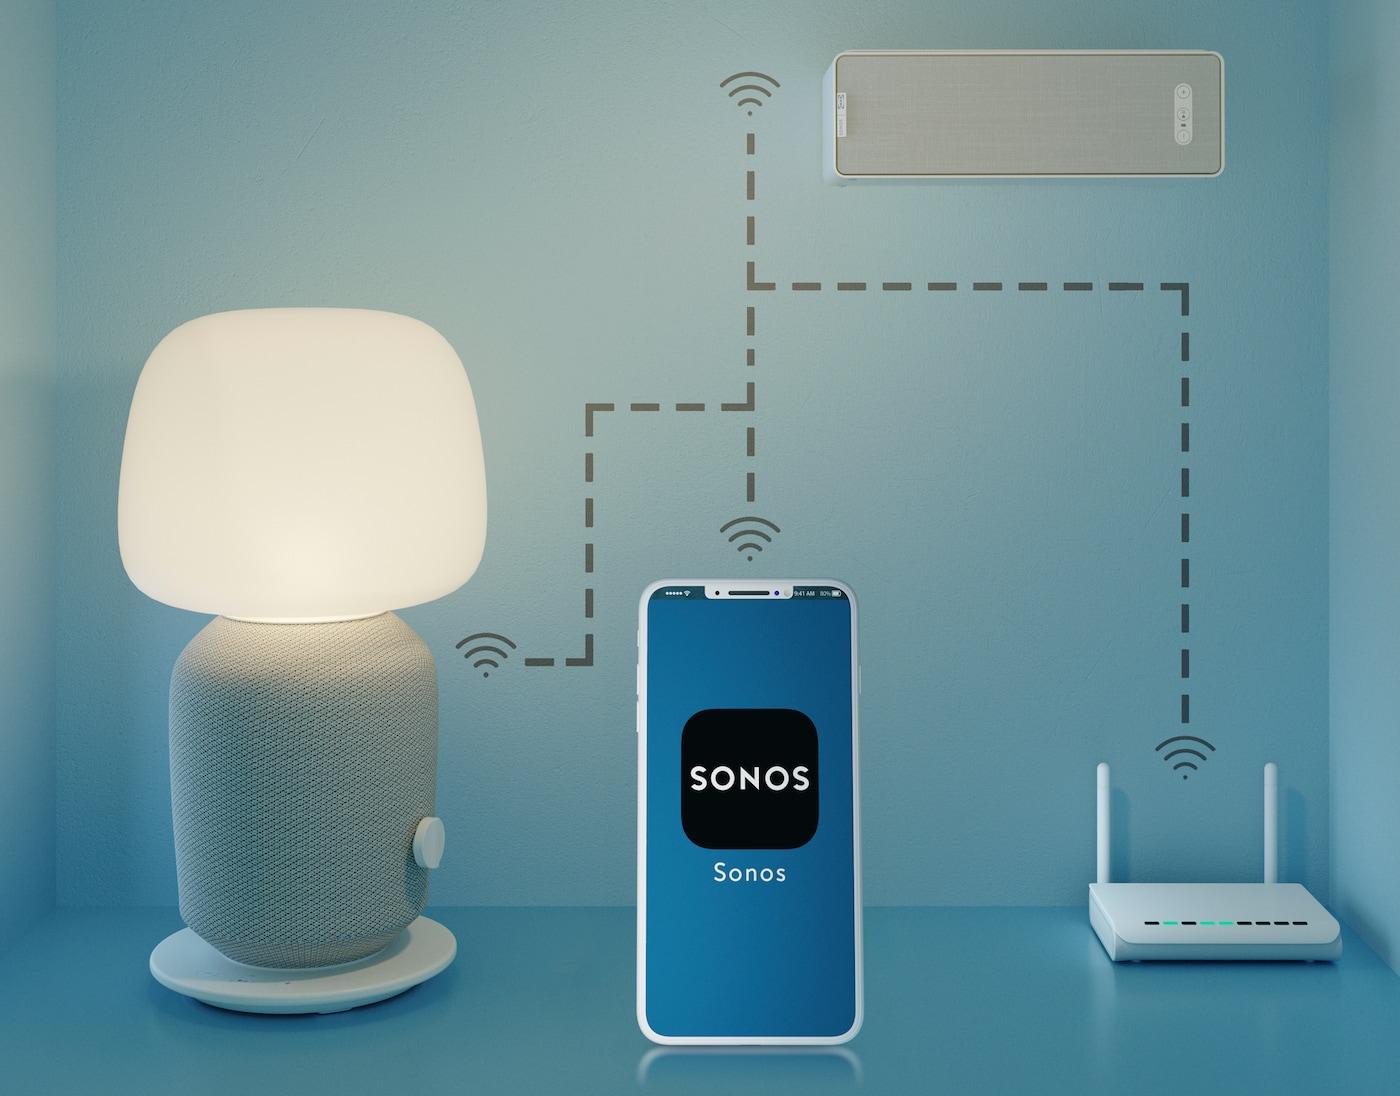 Vezeték nélküli kapcsolatok a Sonos alkalmazás és a SYMFONISK hangfalak között.